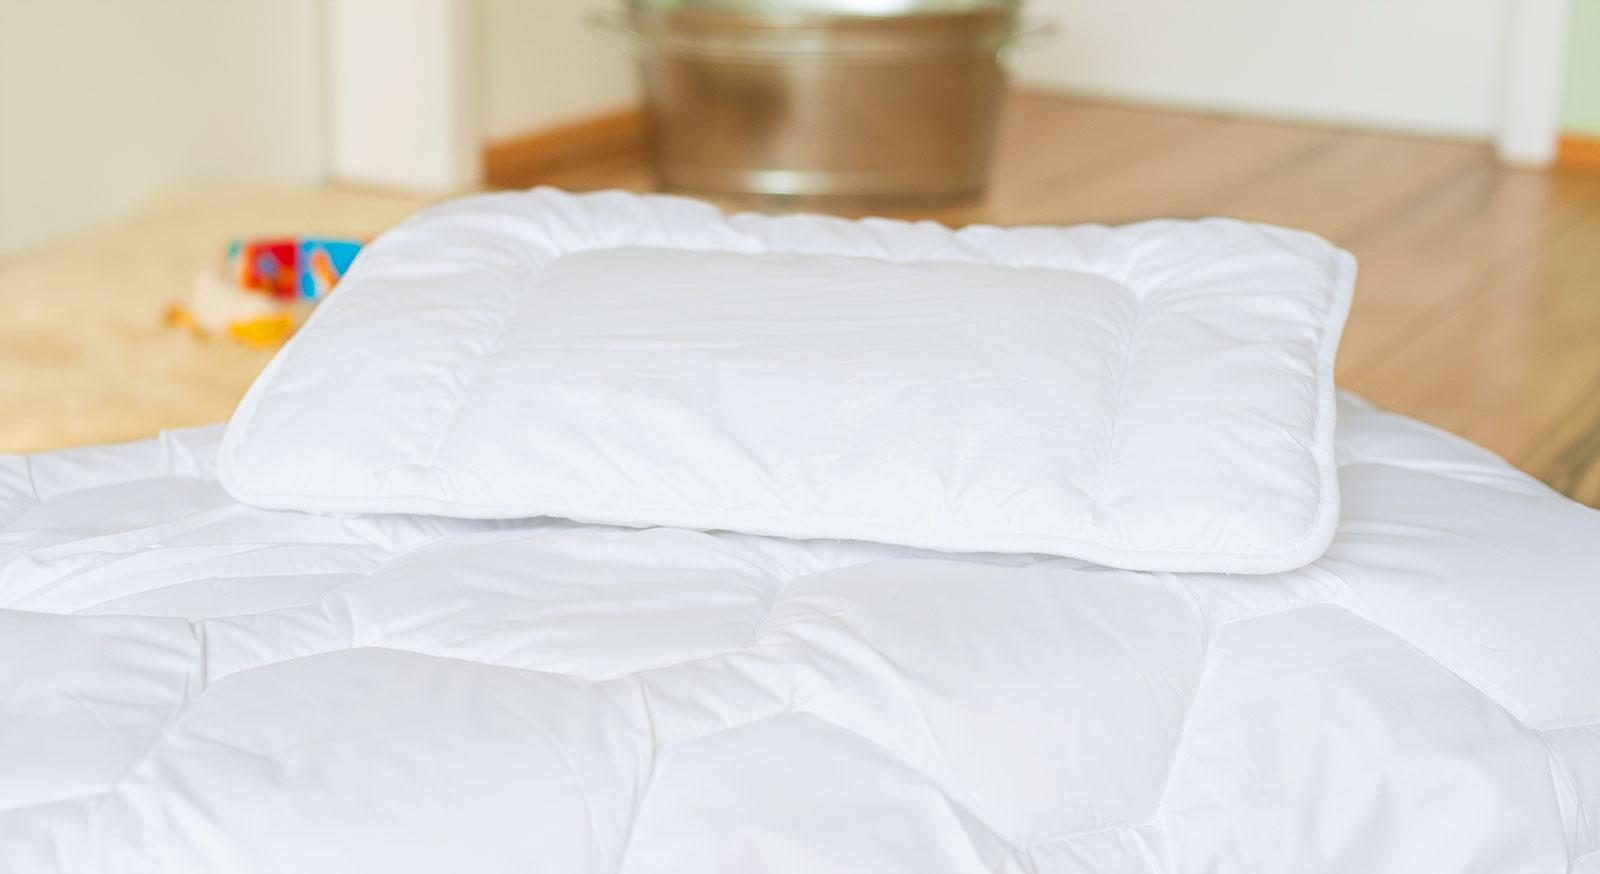 Kinder-Bettdecken und Kissen Linus Ganzjahresset mit atmungsaktivem Bezug